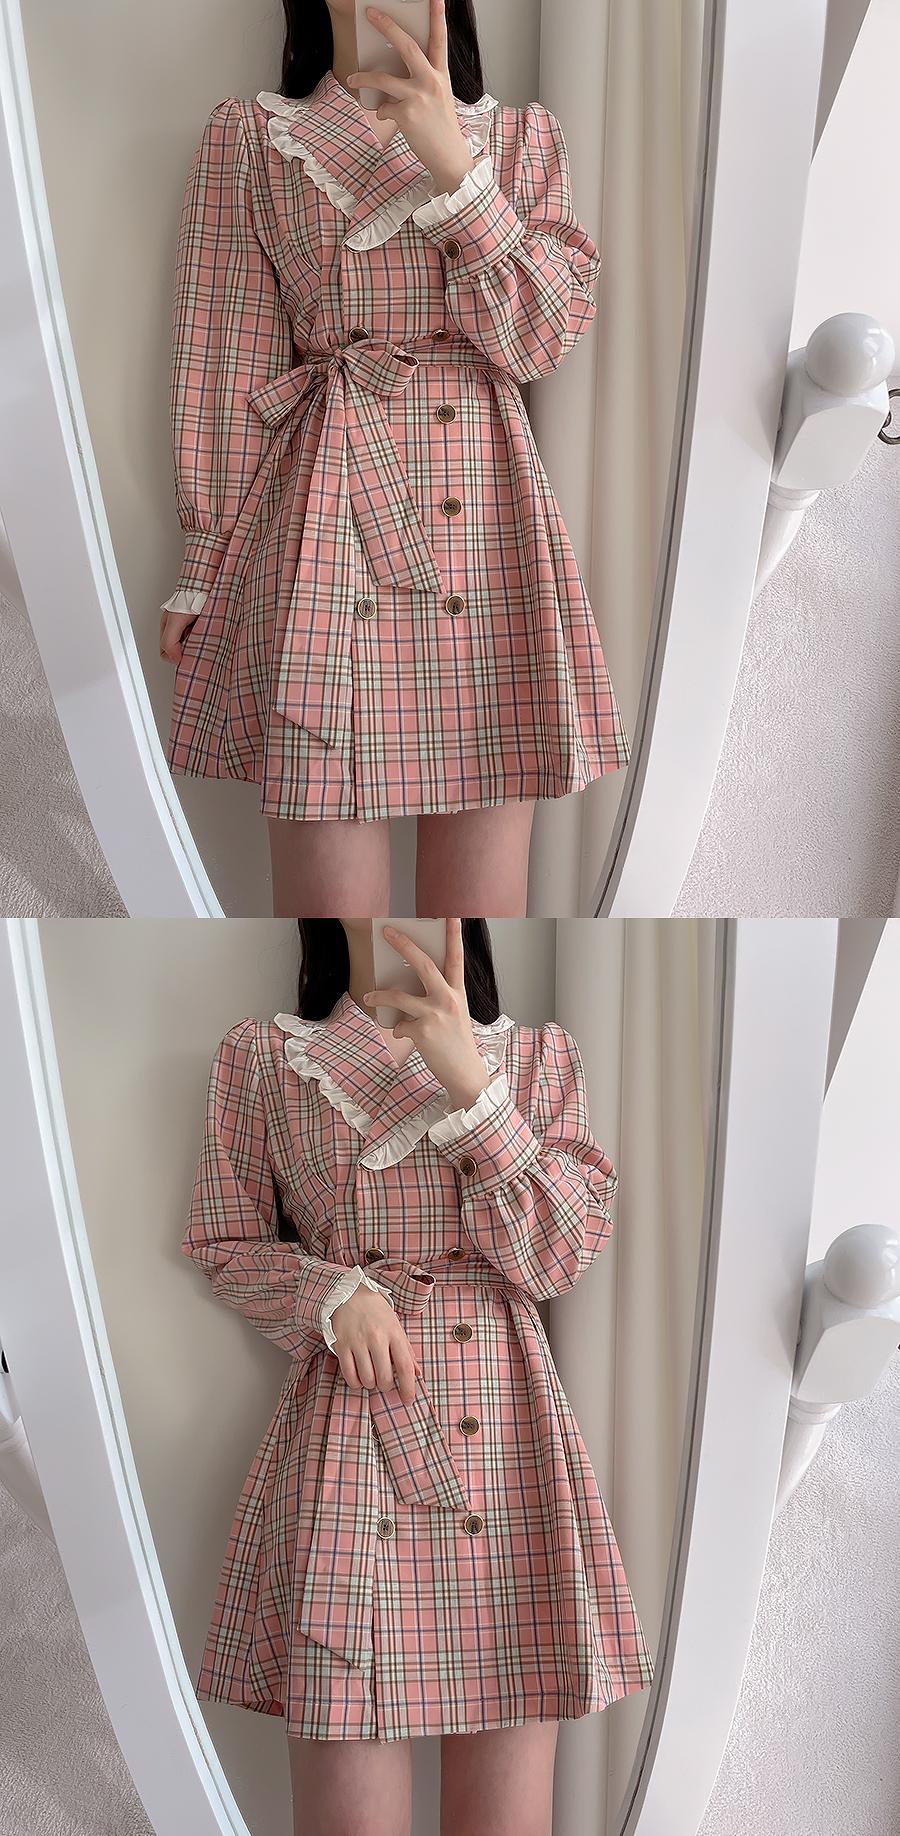 Queen Check Collar Pin Tuck Dress 2color